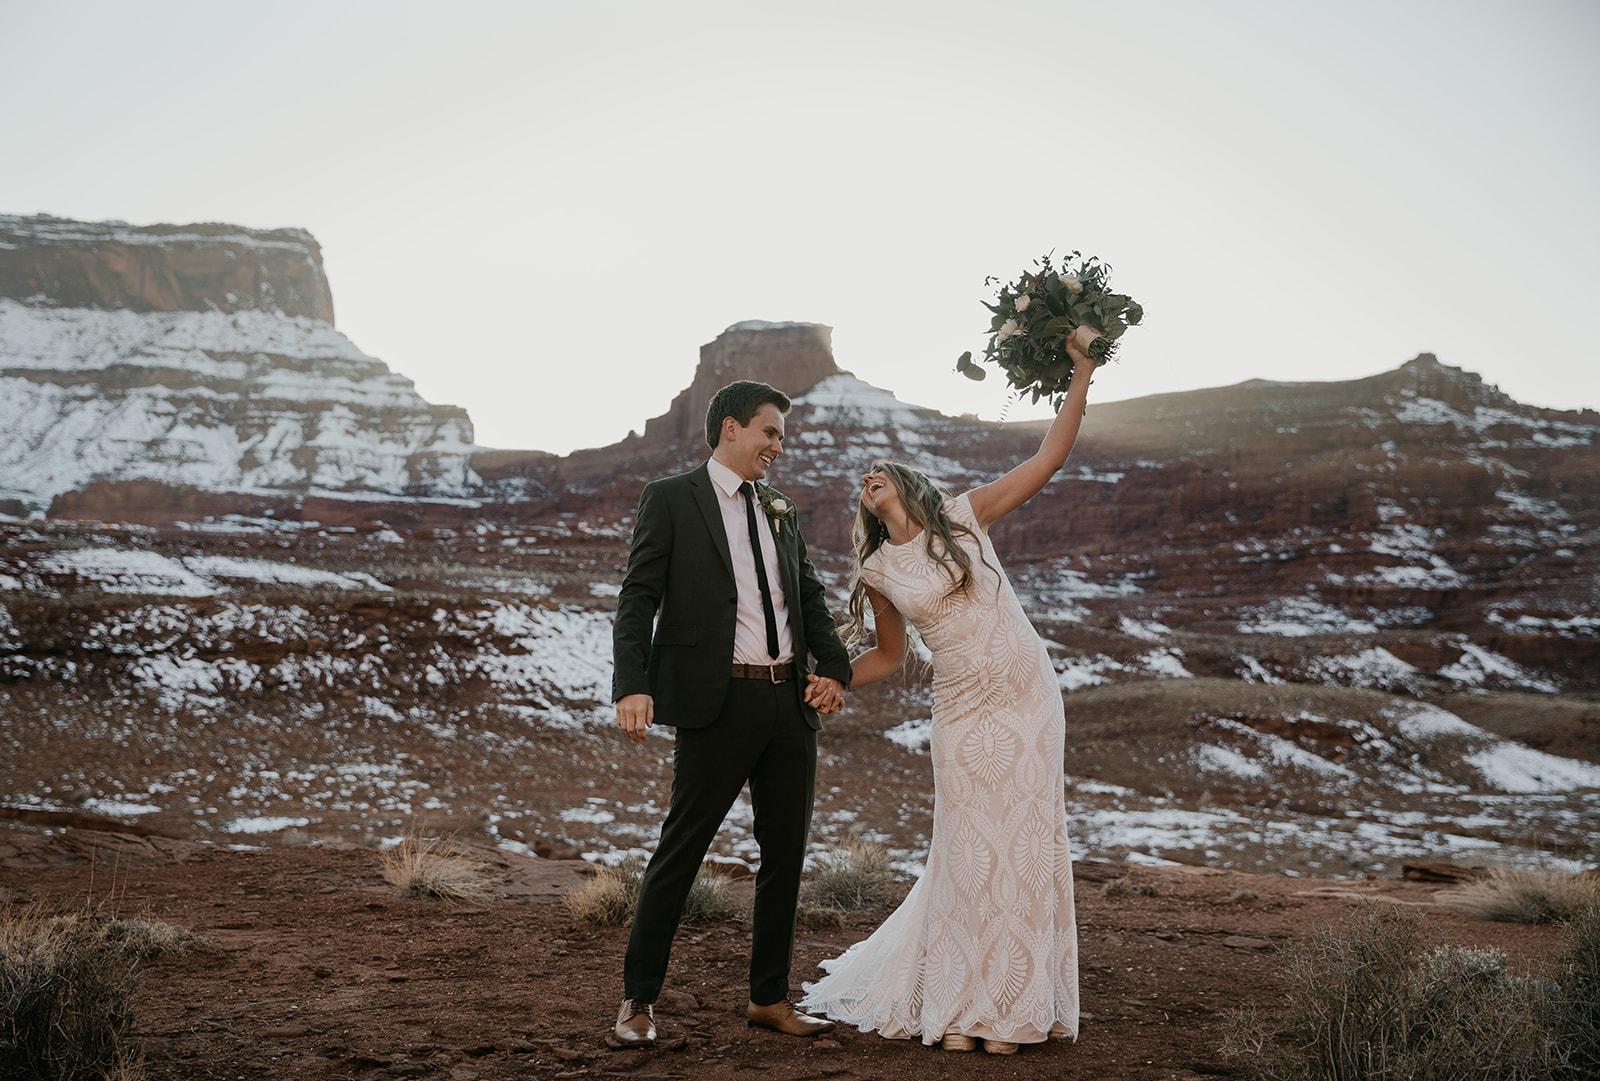 jamie+weston bridals-146.jpg